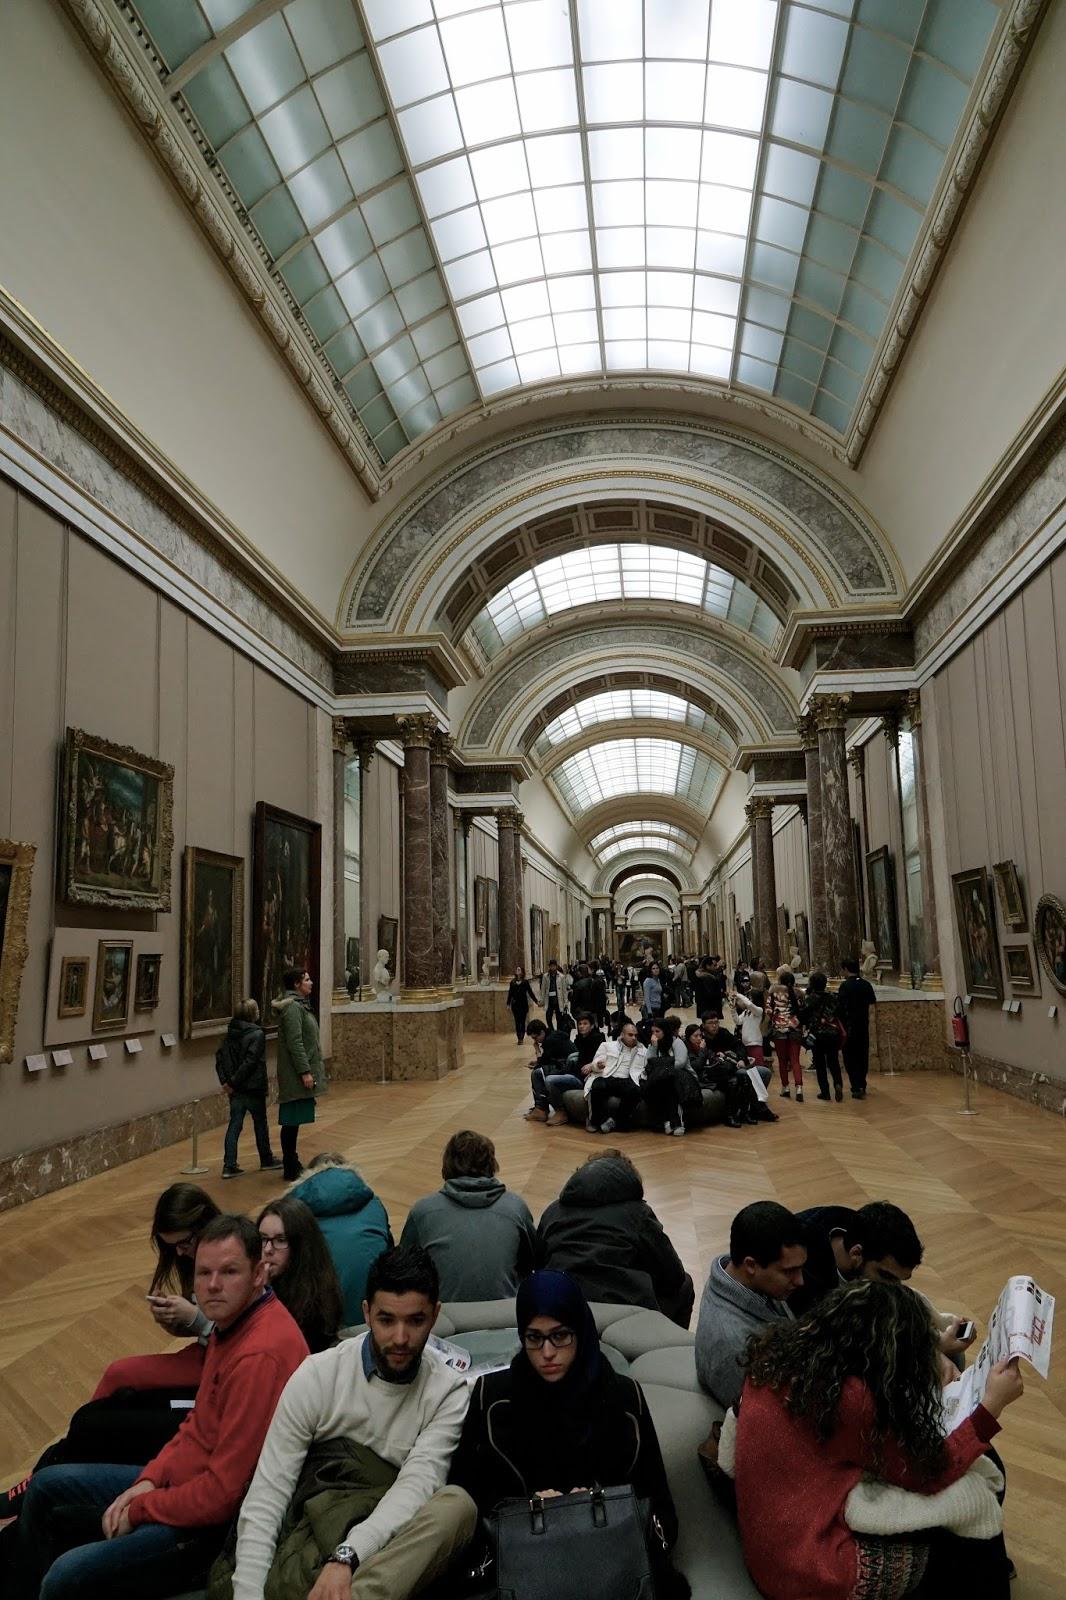 グランド・ギャラリー(La Grande Galerie)